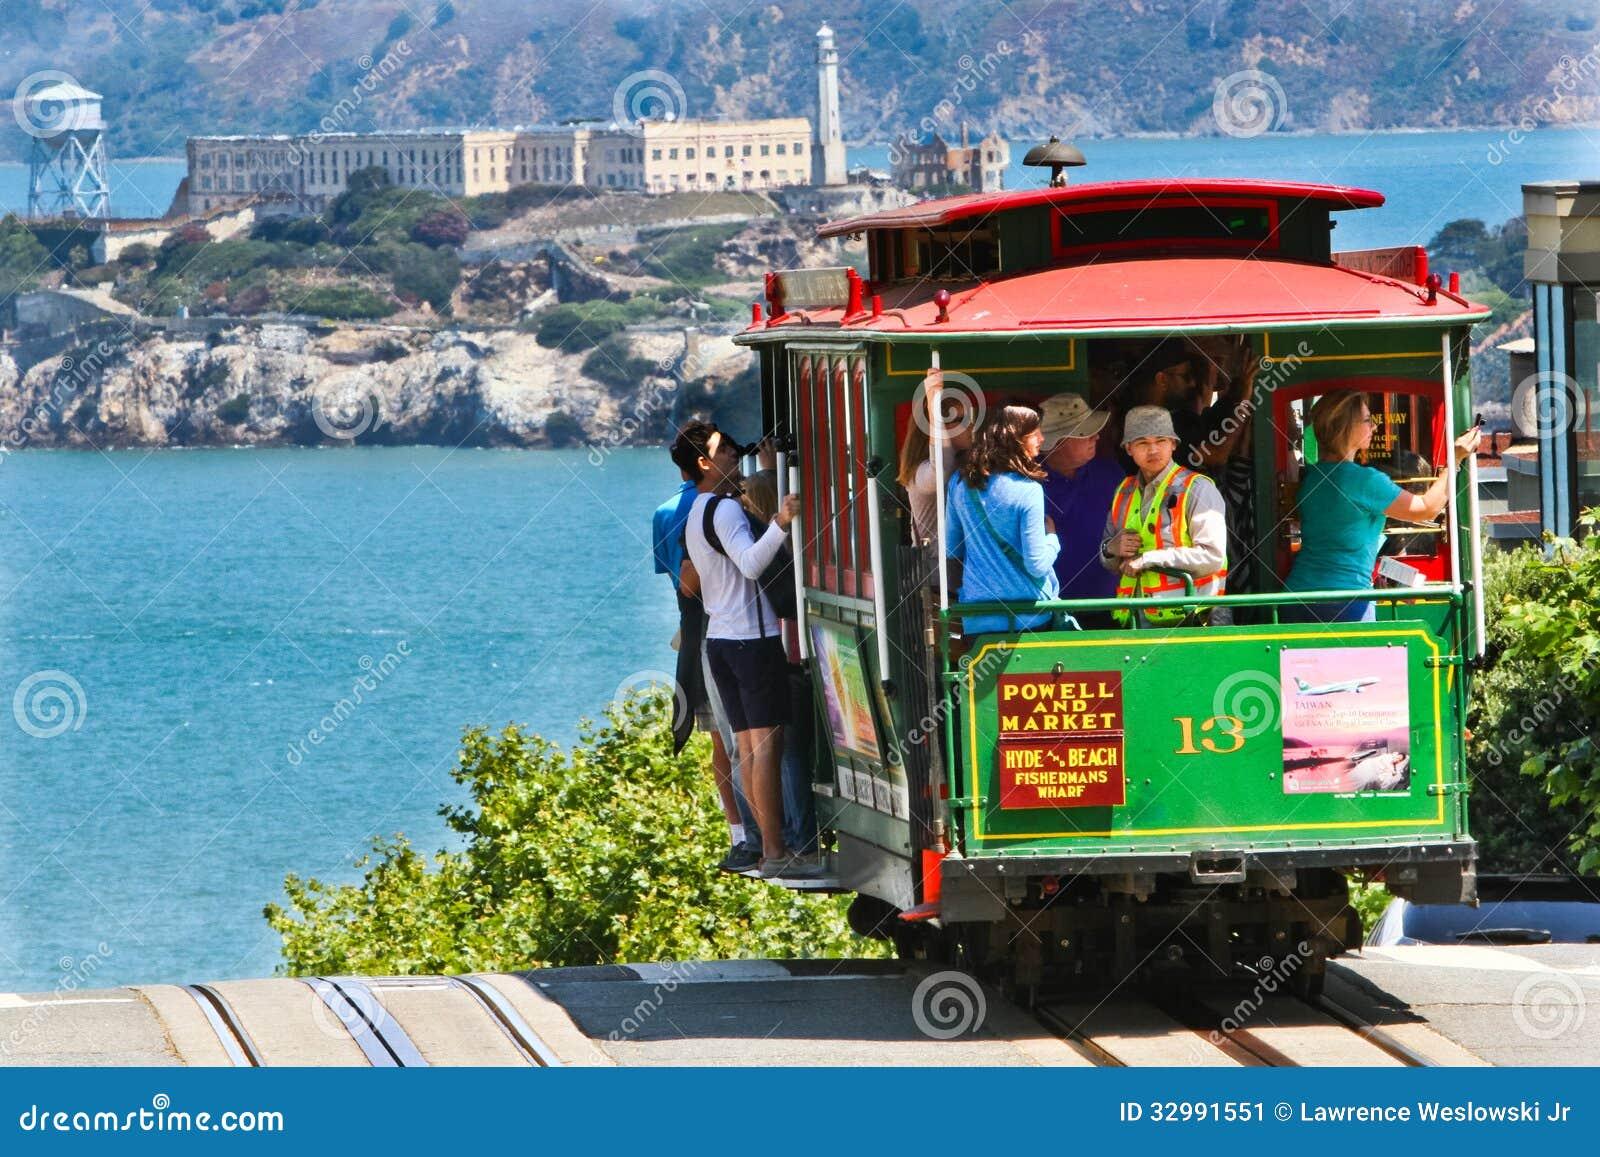 San Francisco Cable Car #13, Alcatraz